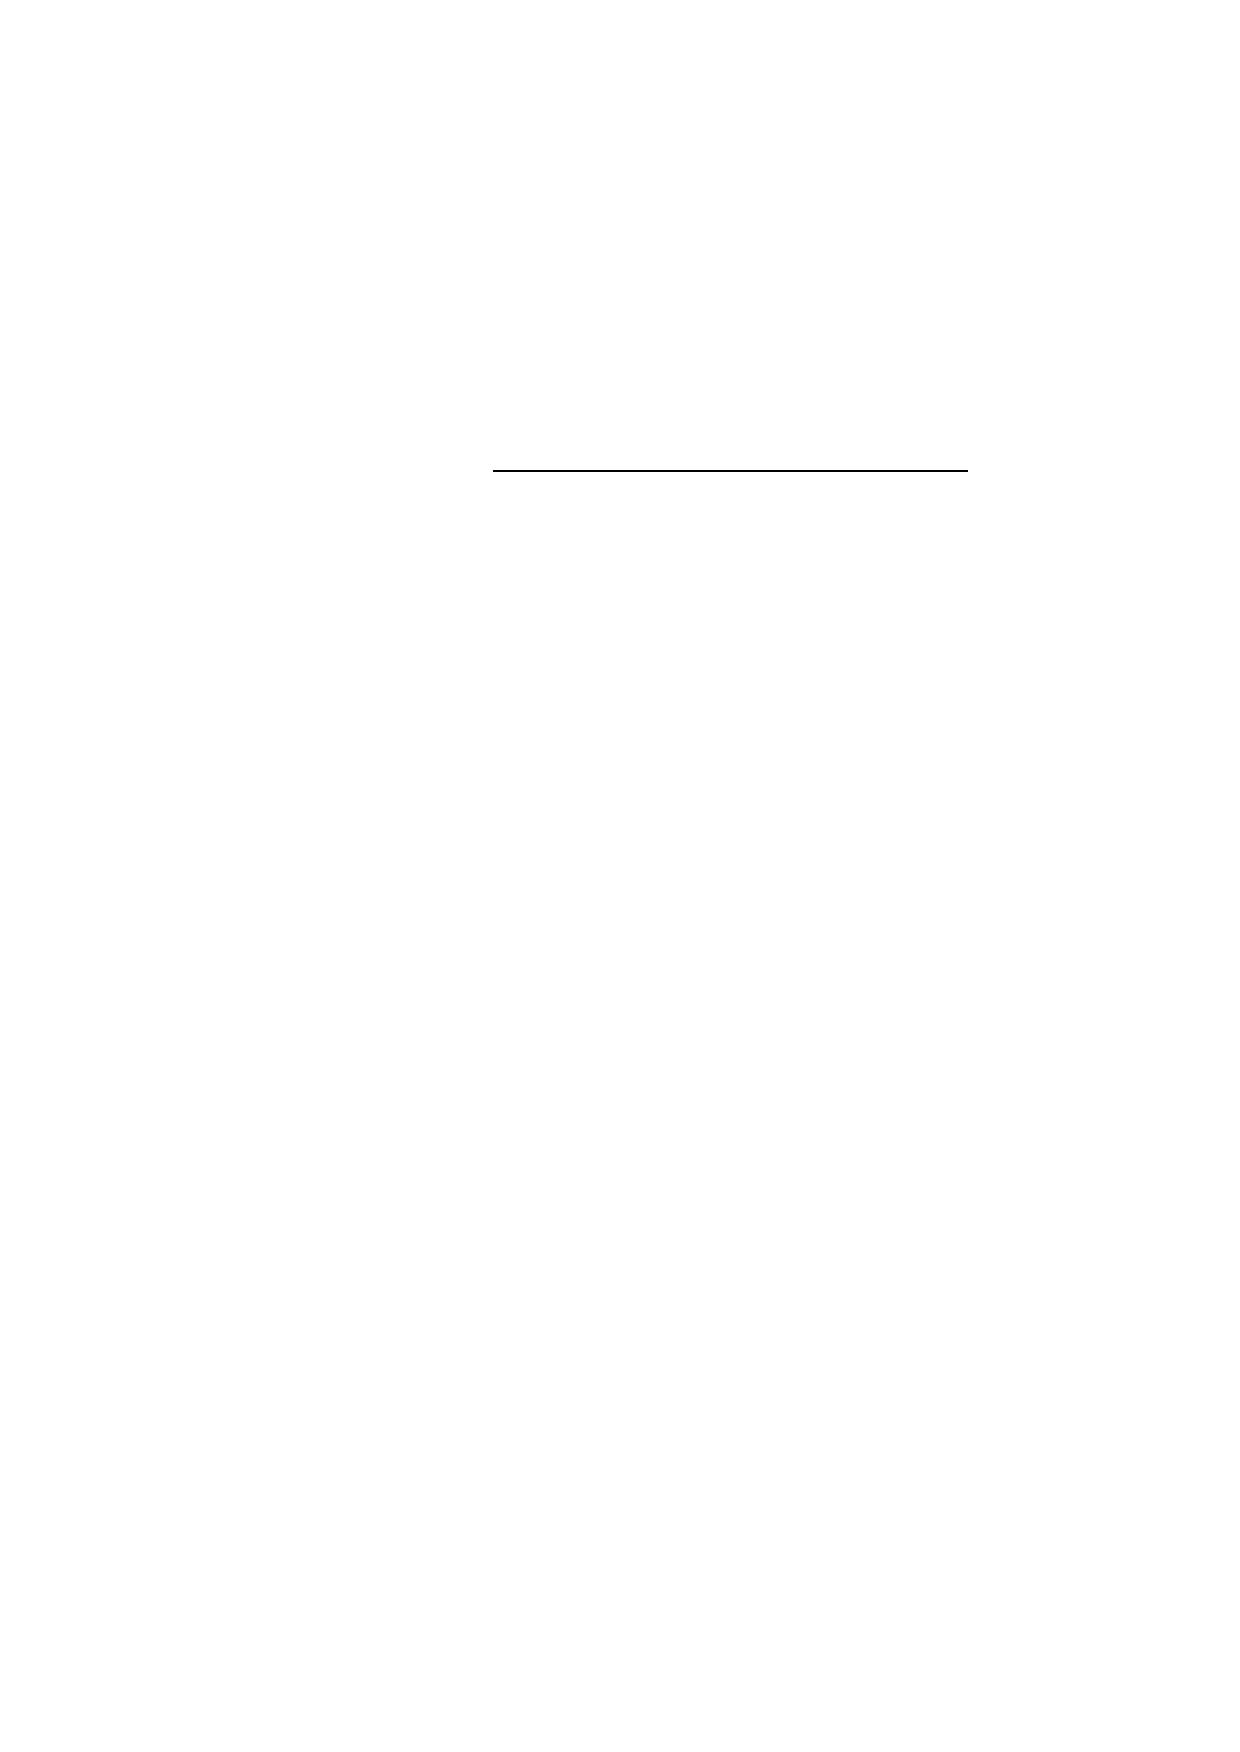 LG128644-SFLYH6V 데이터시트 및 LG128644-SFLYH6V PDF